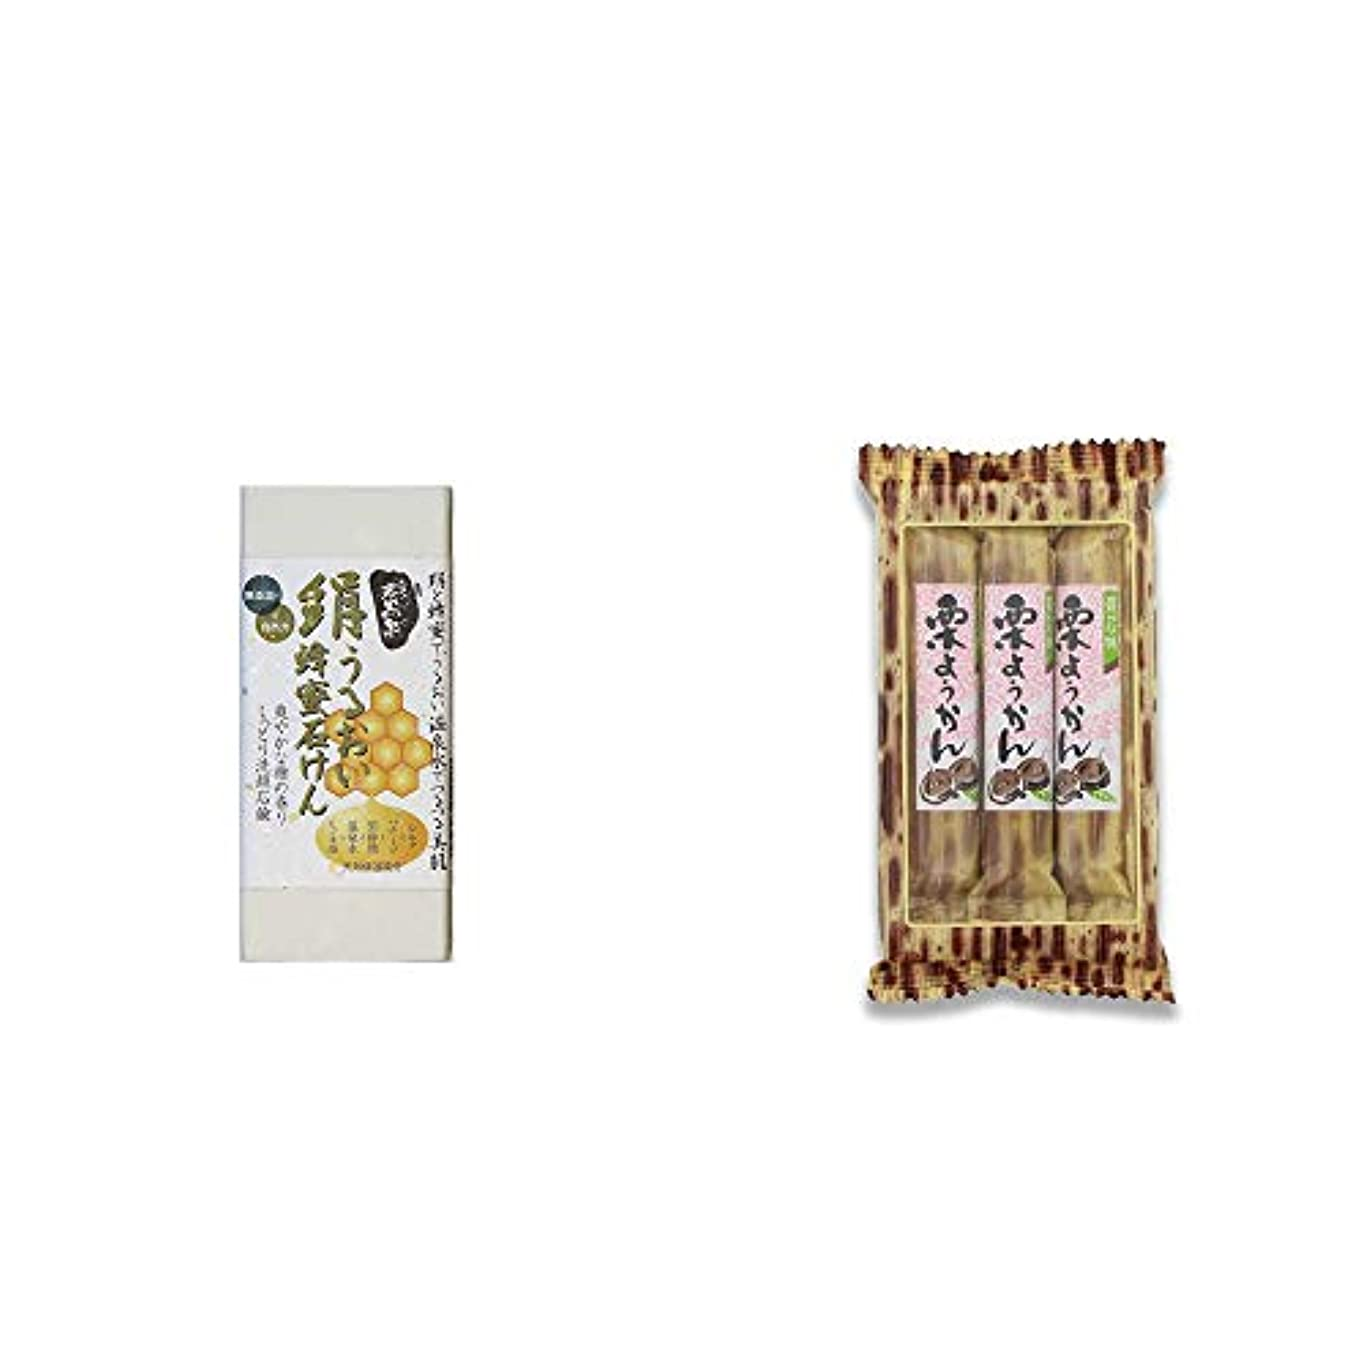 草恐れるランク[2点セット] ひのき炭黒泉 絹うるおい蜂蜜石けん(75g×2)?スティックようかん[栗](50g×3本)